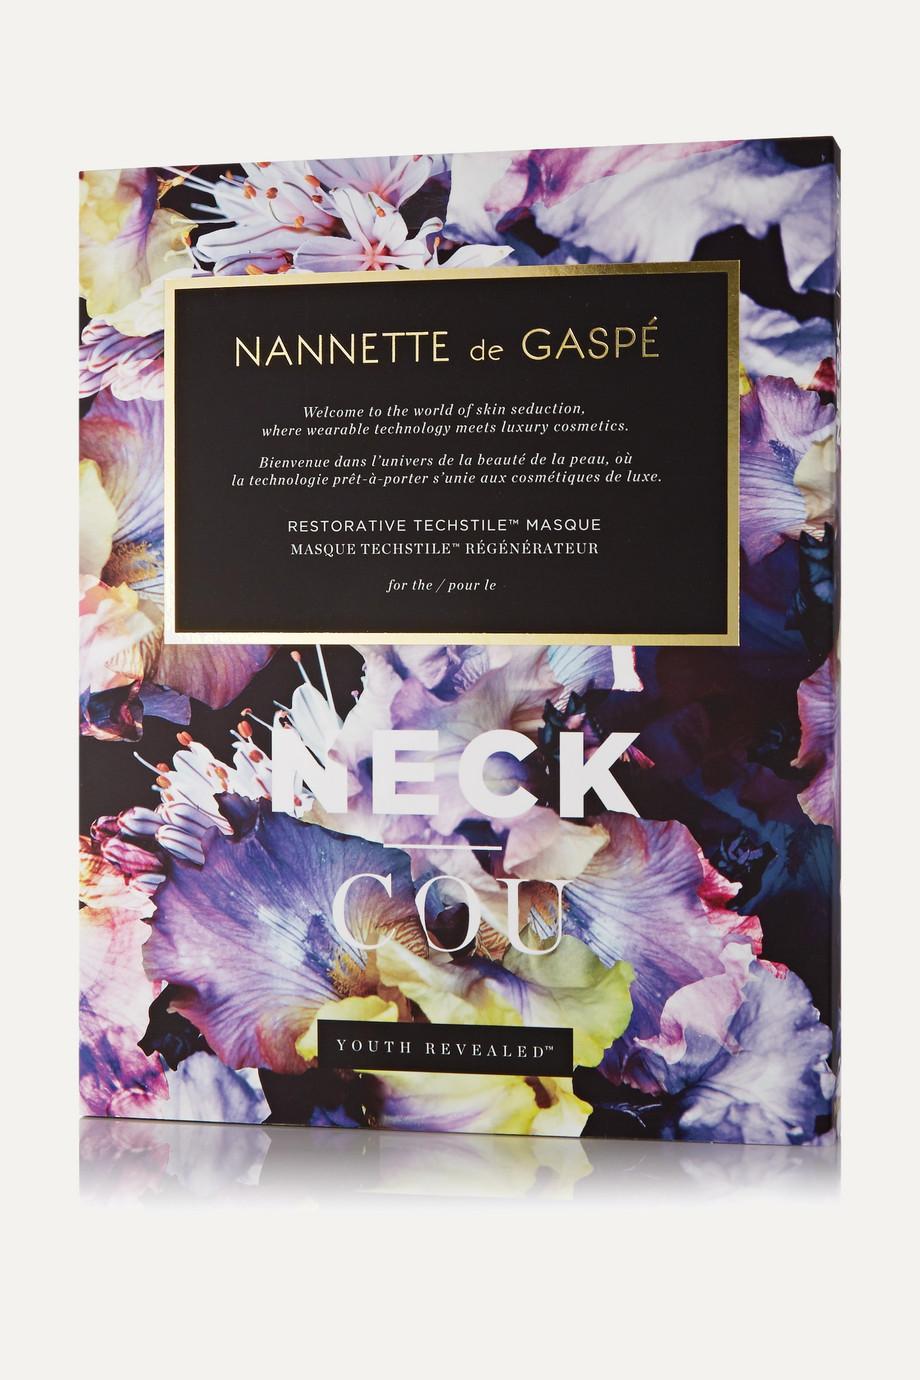 Nannette de Gaspé Restorative Techstile Neck Masque